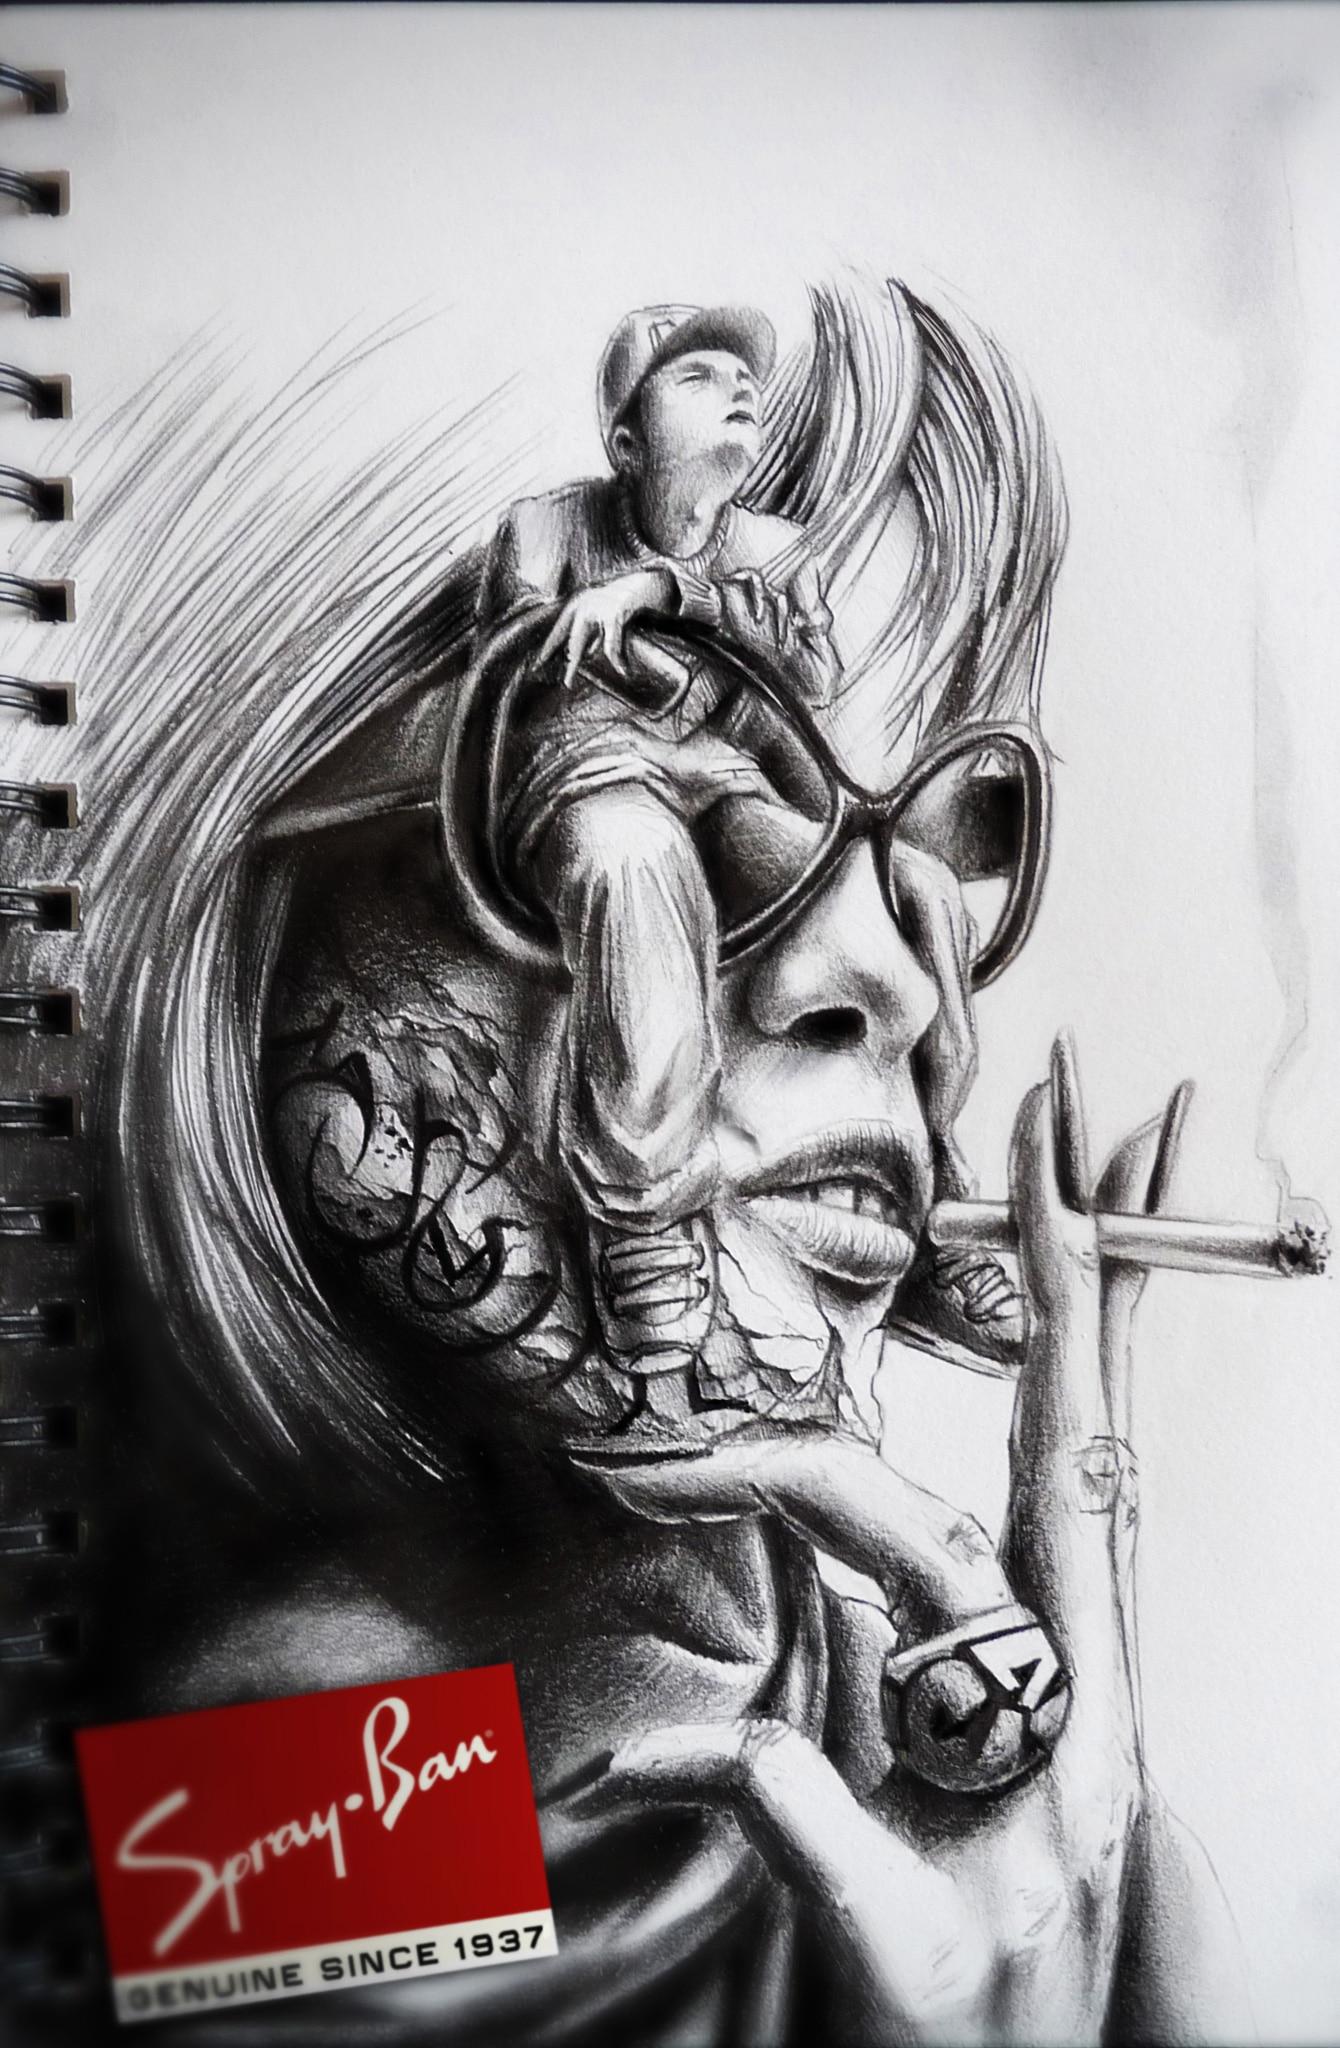 Pez - Featured Artist